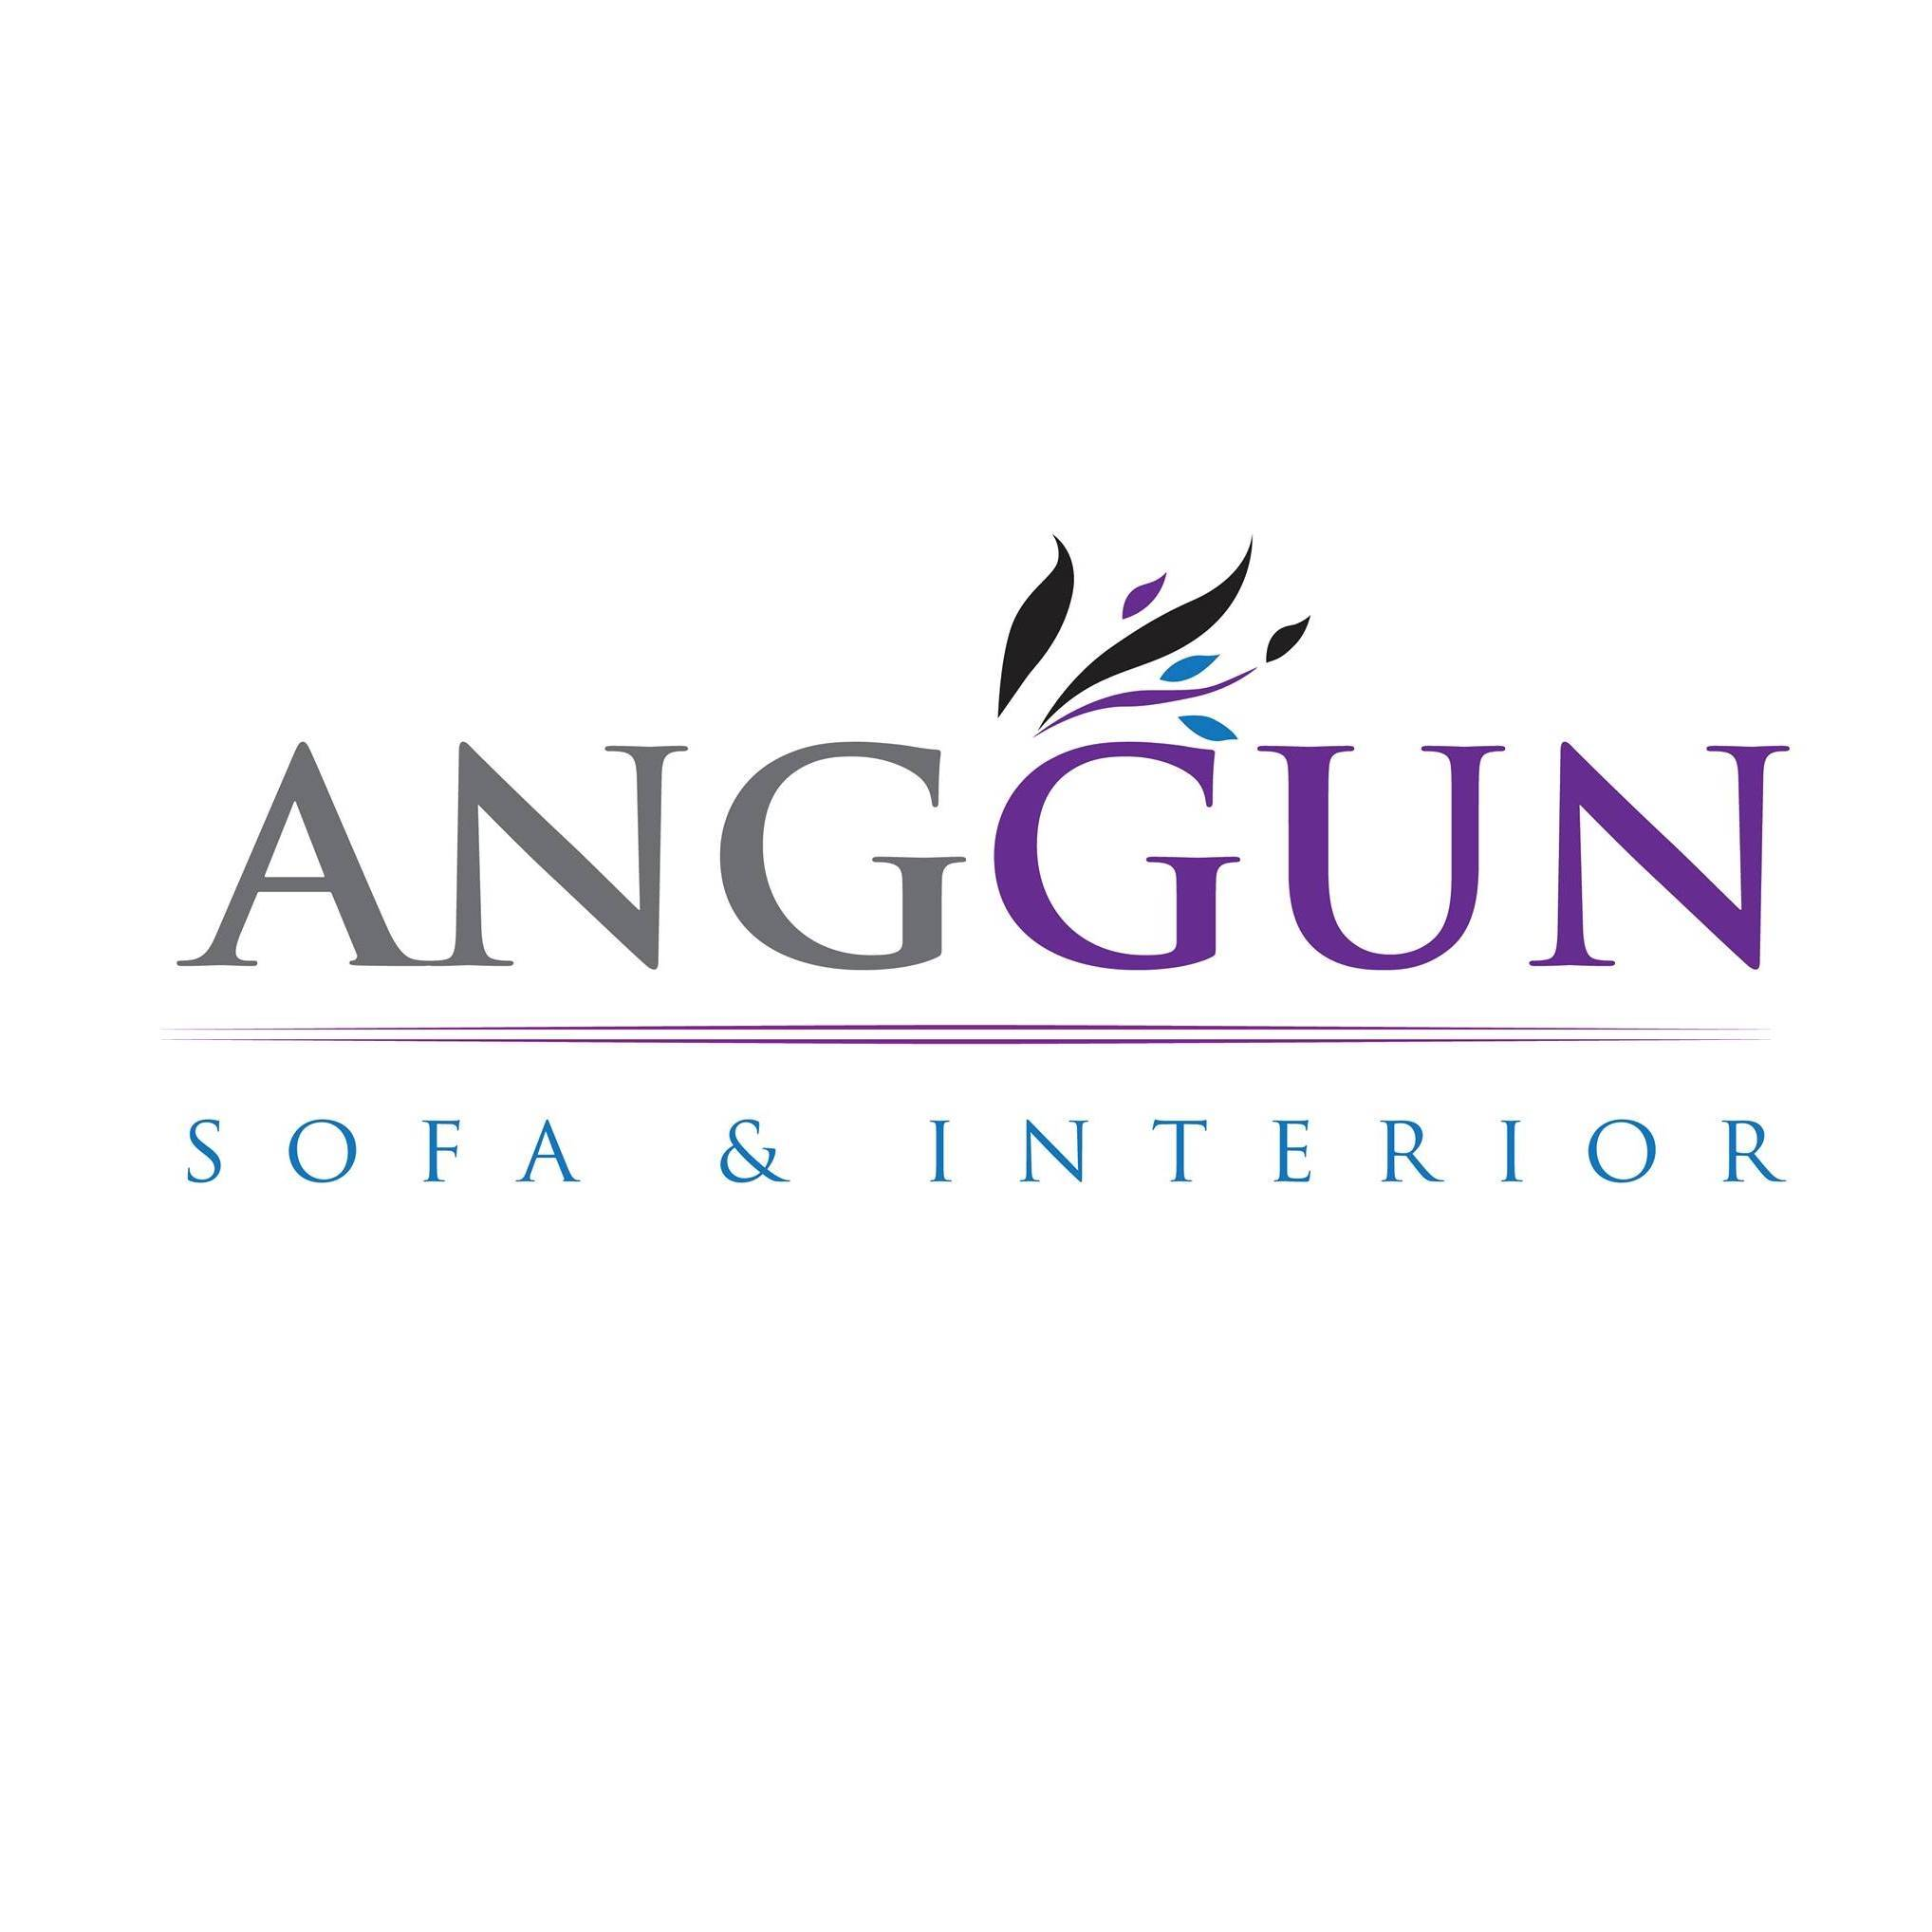 Anggun Sofa & Interior Sdn Bhd